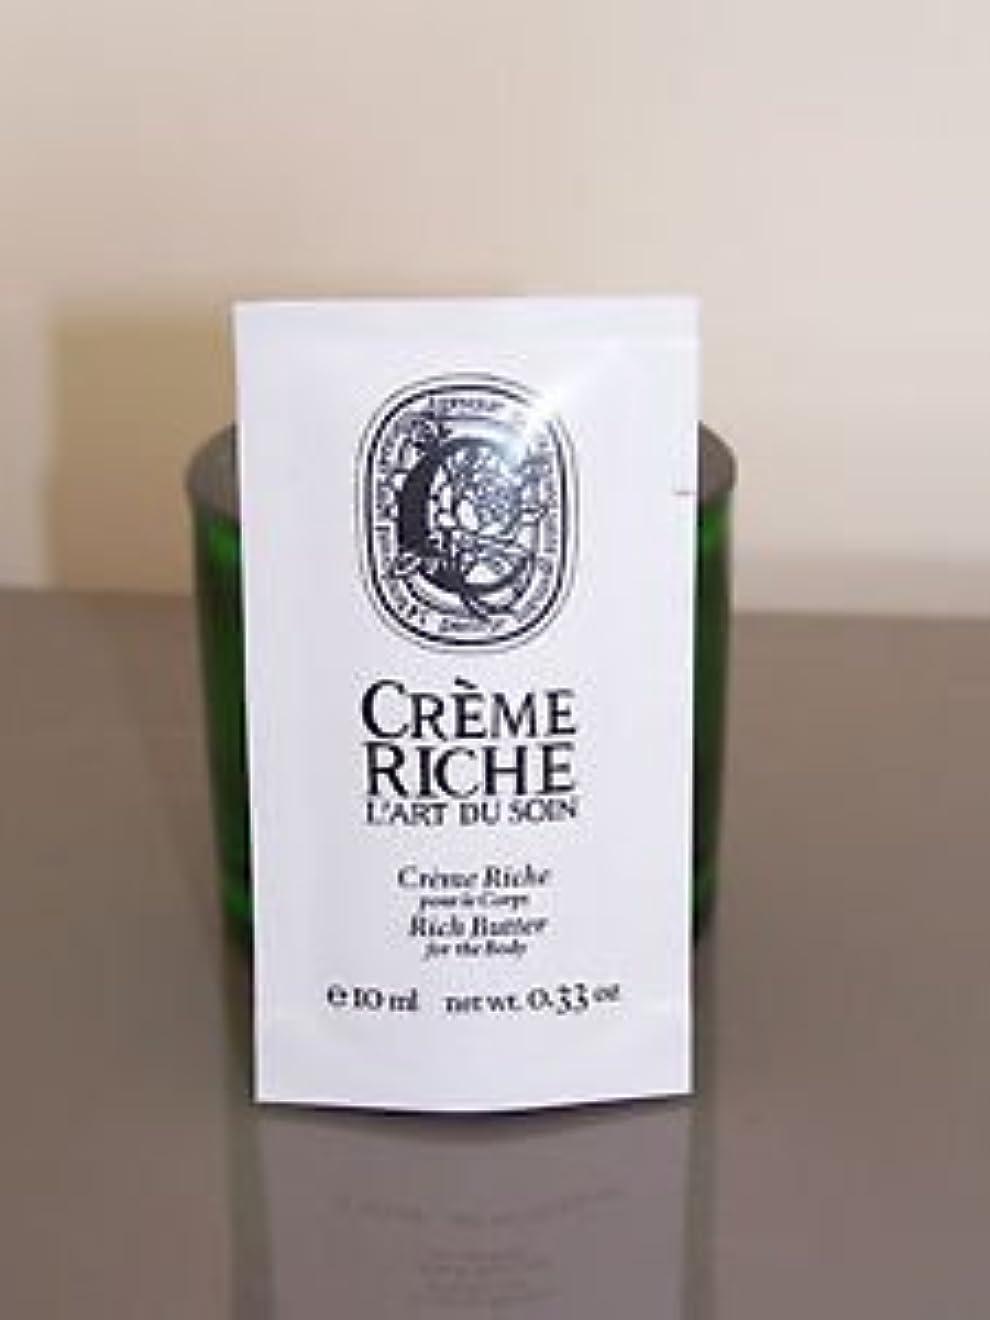 Diptyque Creme Riche (ディプティック クレーム リッチ) 0.33 oz (10ml) ボディーバター (ボディークリーム) サンプル for Women